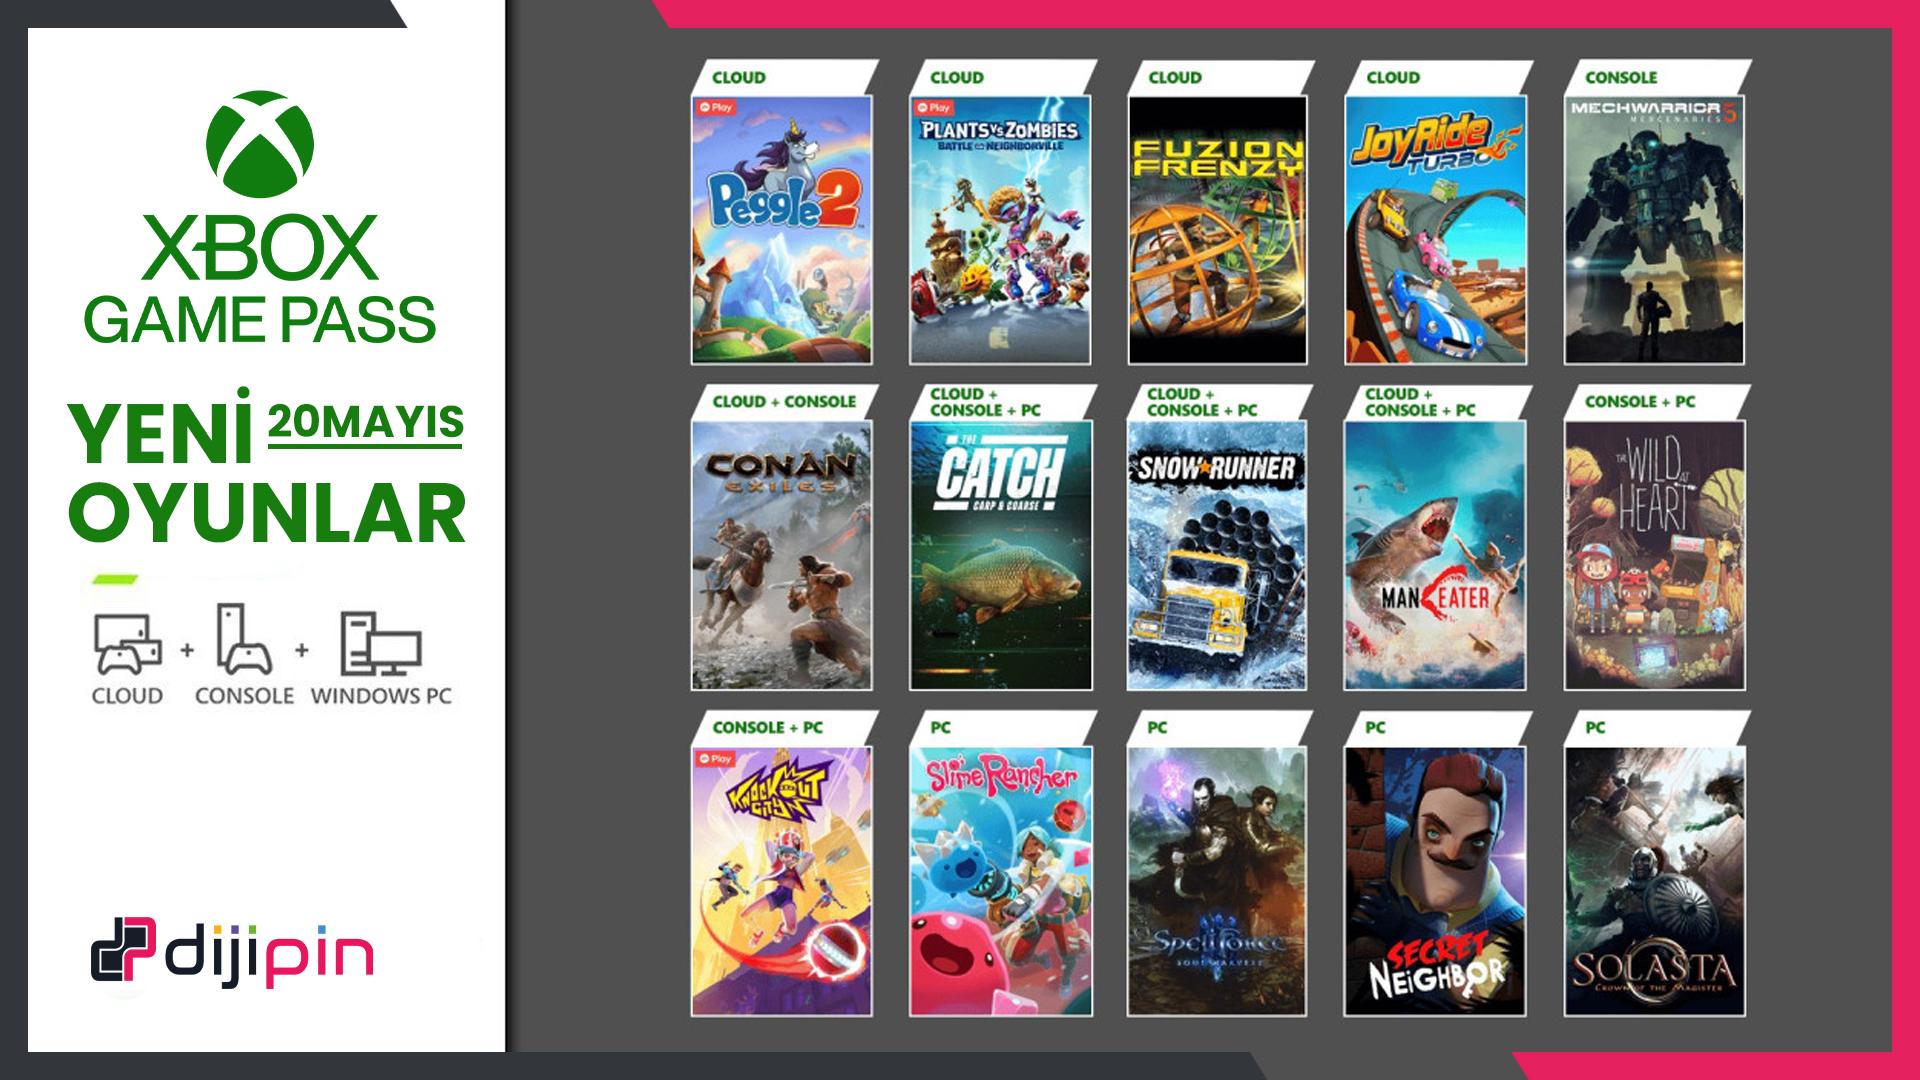 Xbox Game Pass'e Gelen Yeni Oyunlar (20 Mayıs Sonrası)